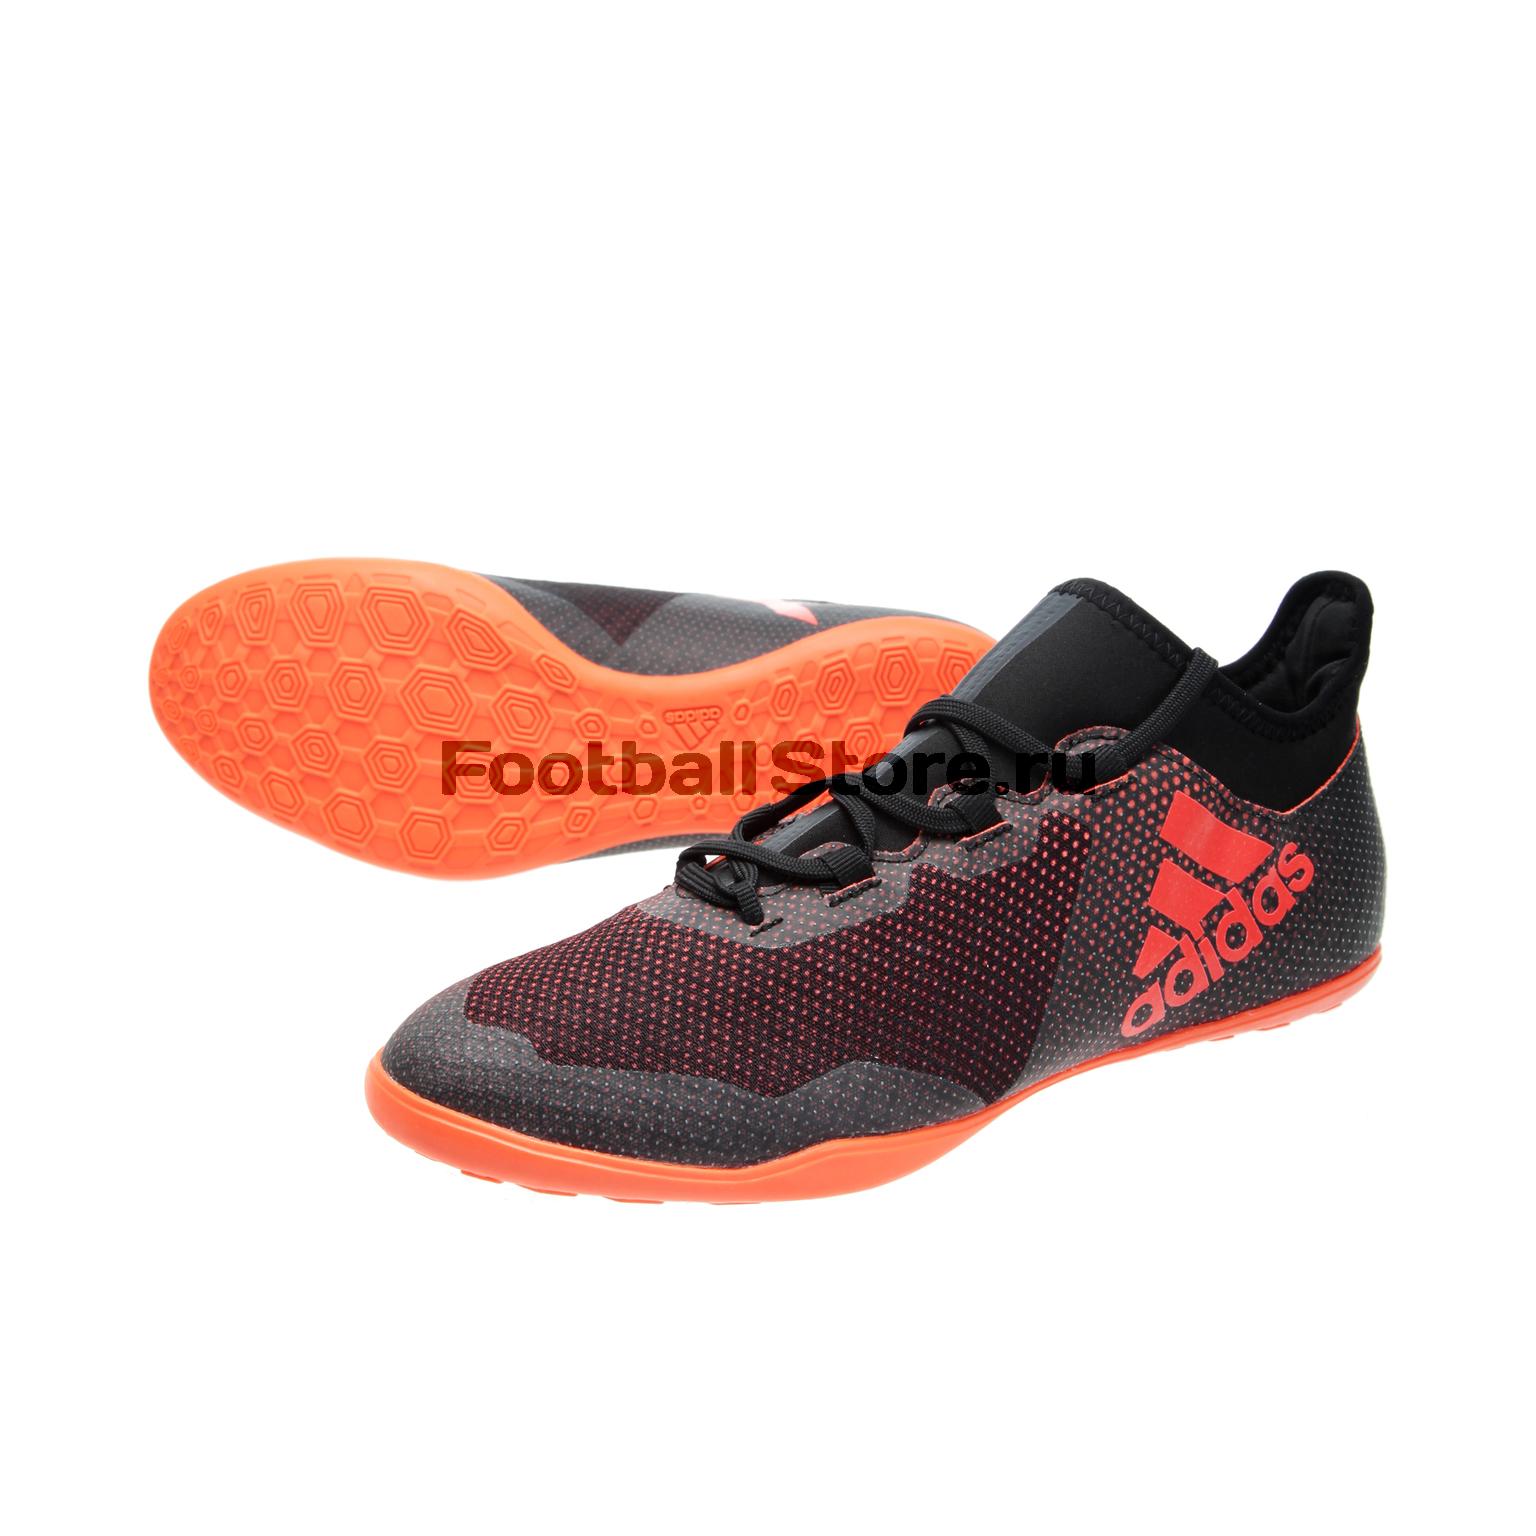 Обувь для зала Adidas Обувь для зала Adidas X Tango 17.3 IN CG3718